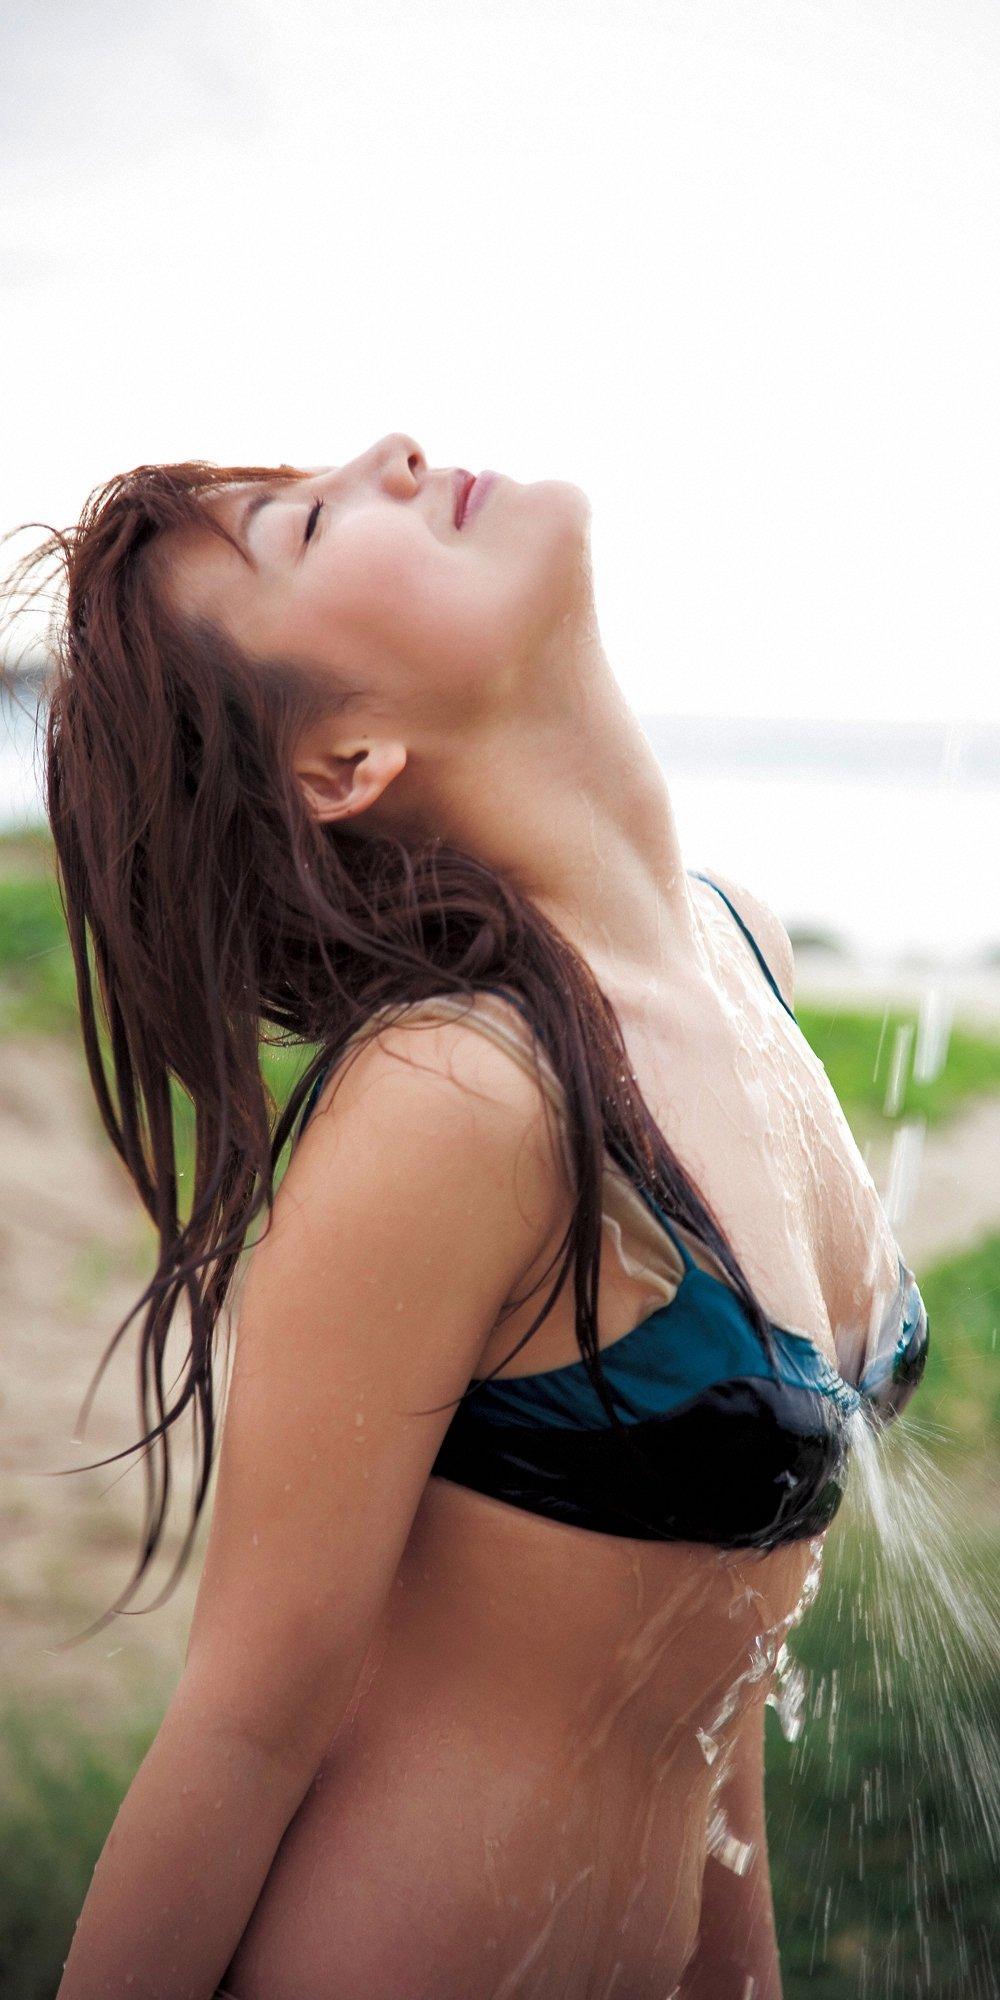 安めぐみ セクシー おっぱいの谷間 巨乳 シャワー 水ぶっかけ ビキニ 水着 目を閉じている エロかわいい画像58